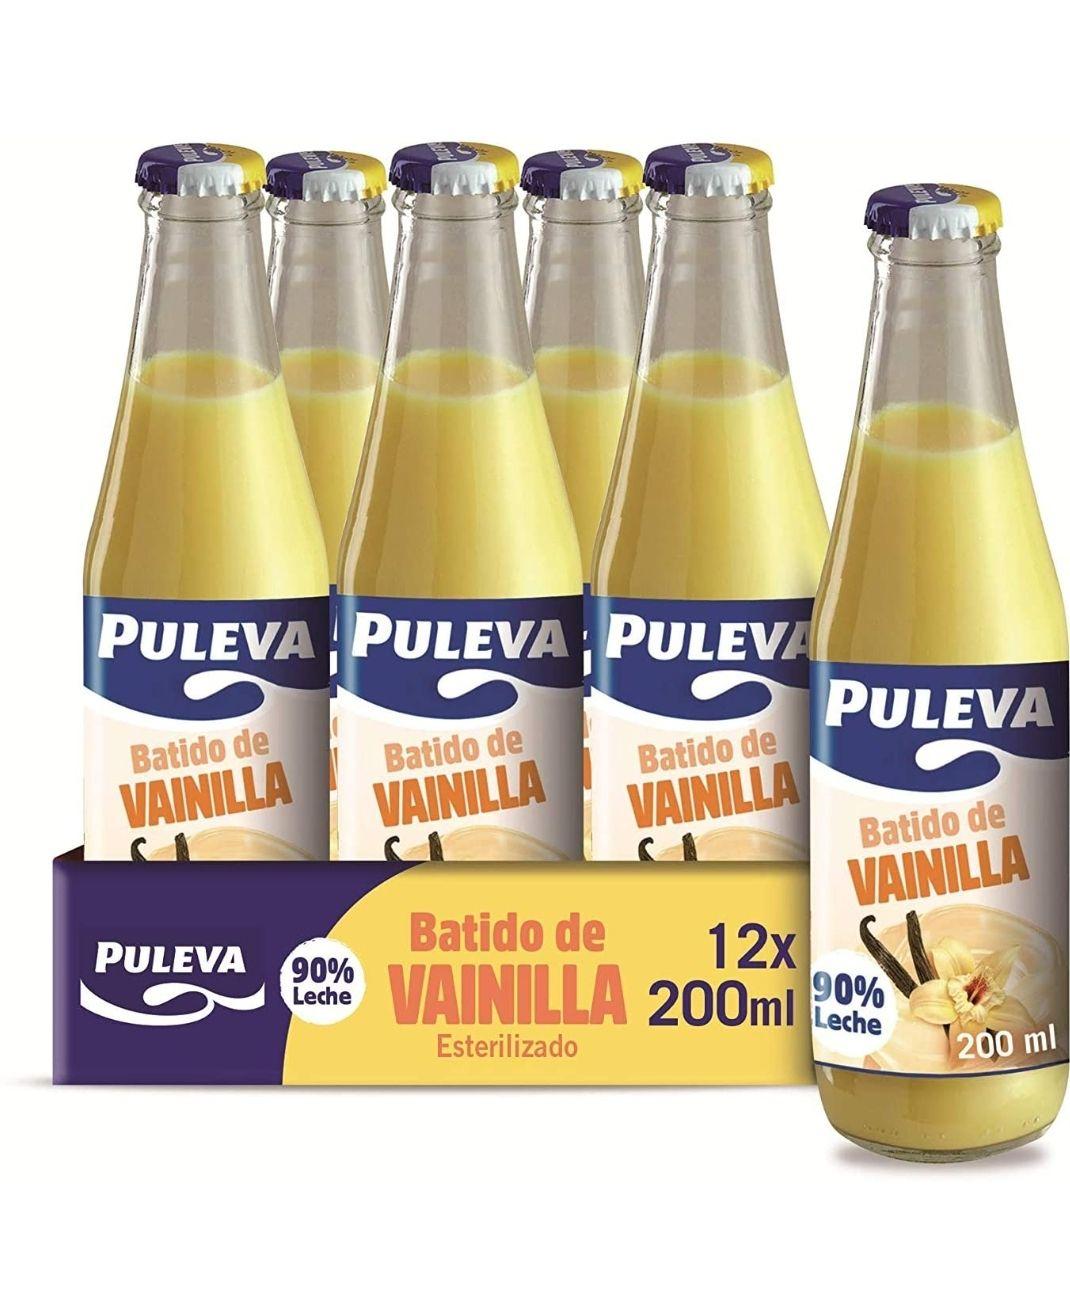 Batido de Vainilla - Caja con 12 botellas (Compra recurrente)